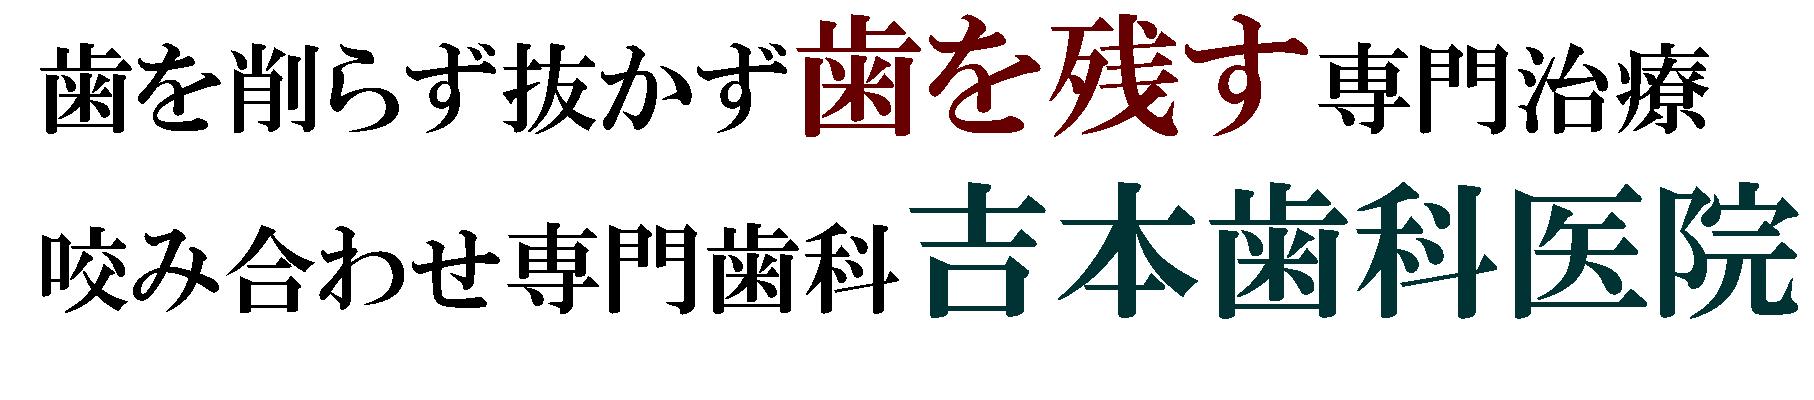 愛媛県 歯を抜きたくない方のための専門歯科|香川県の吉本歯科医院 ,新居浜市, 四国中央市よりお越しになられています。